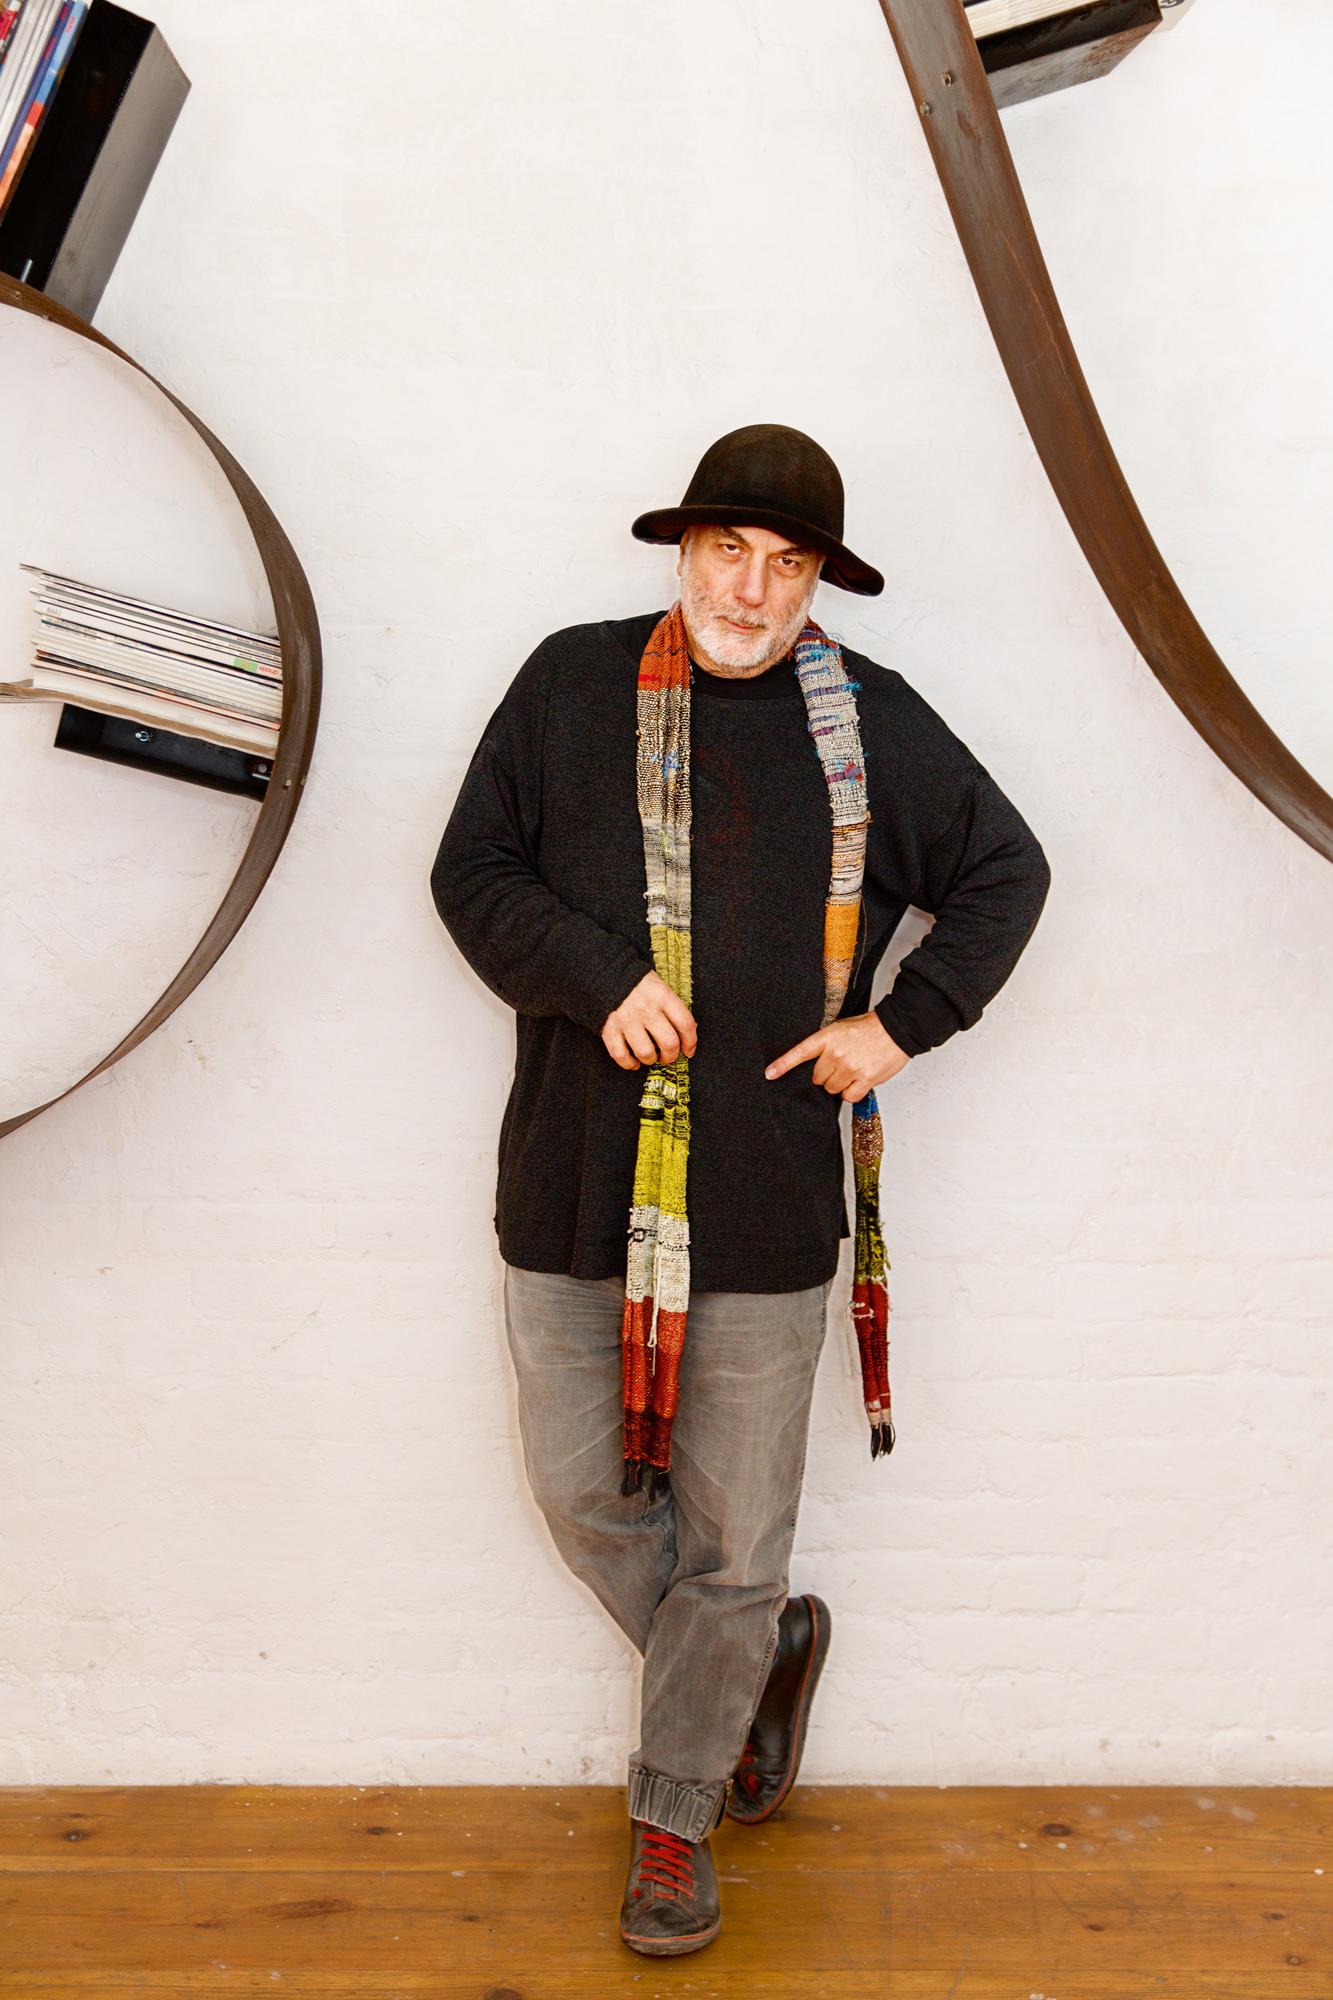 Dans son atelier londonien de Camden Town, Ron Arad travaille sur une multitude de projets. Il est allé jusqu'à dessiner la forme de son propre chapeau. Martin Parr/Magnum Photos pour Numéro.